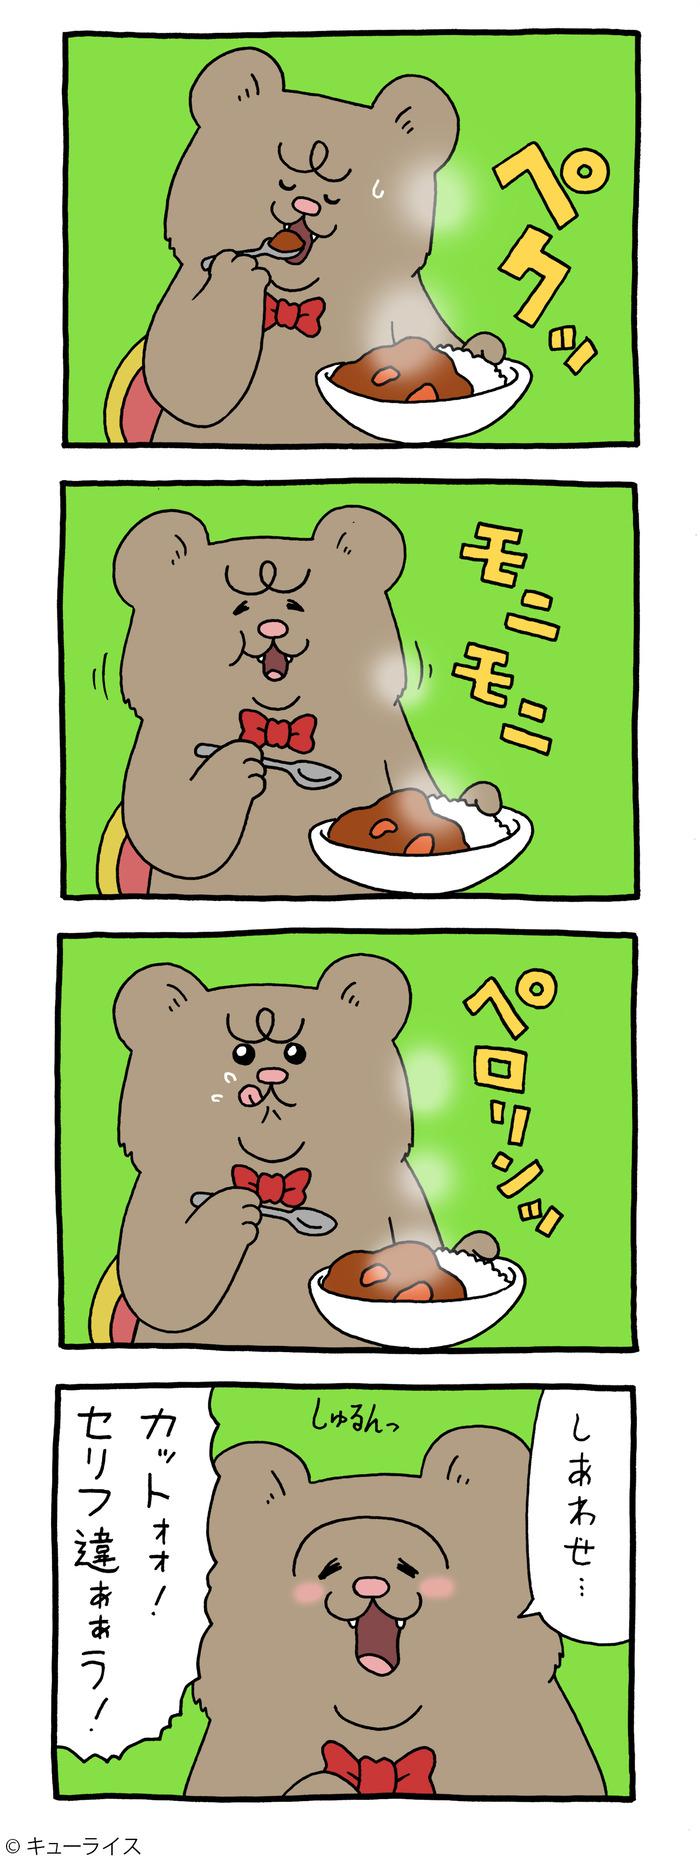 悲熊とコマーシャル3 のコピー